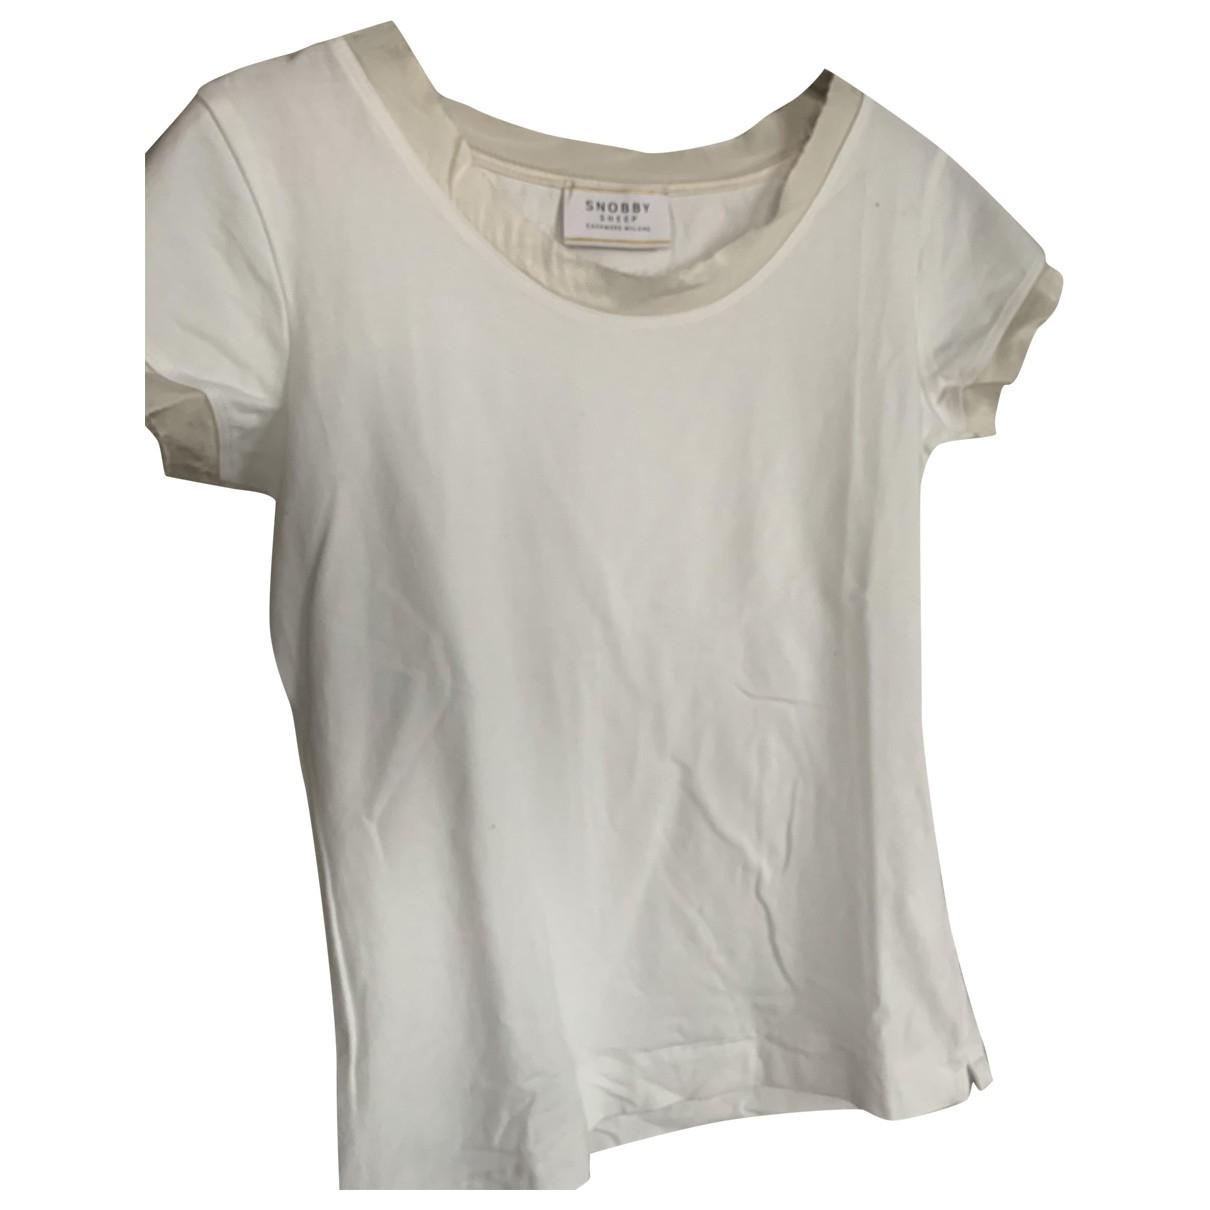 Camiseta Snob Milano